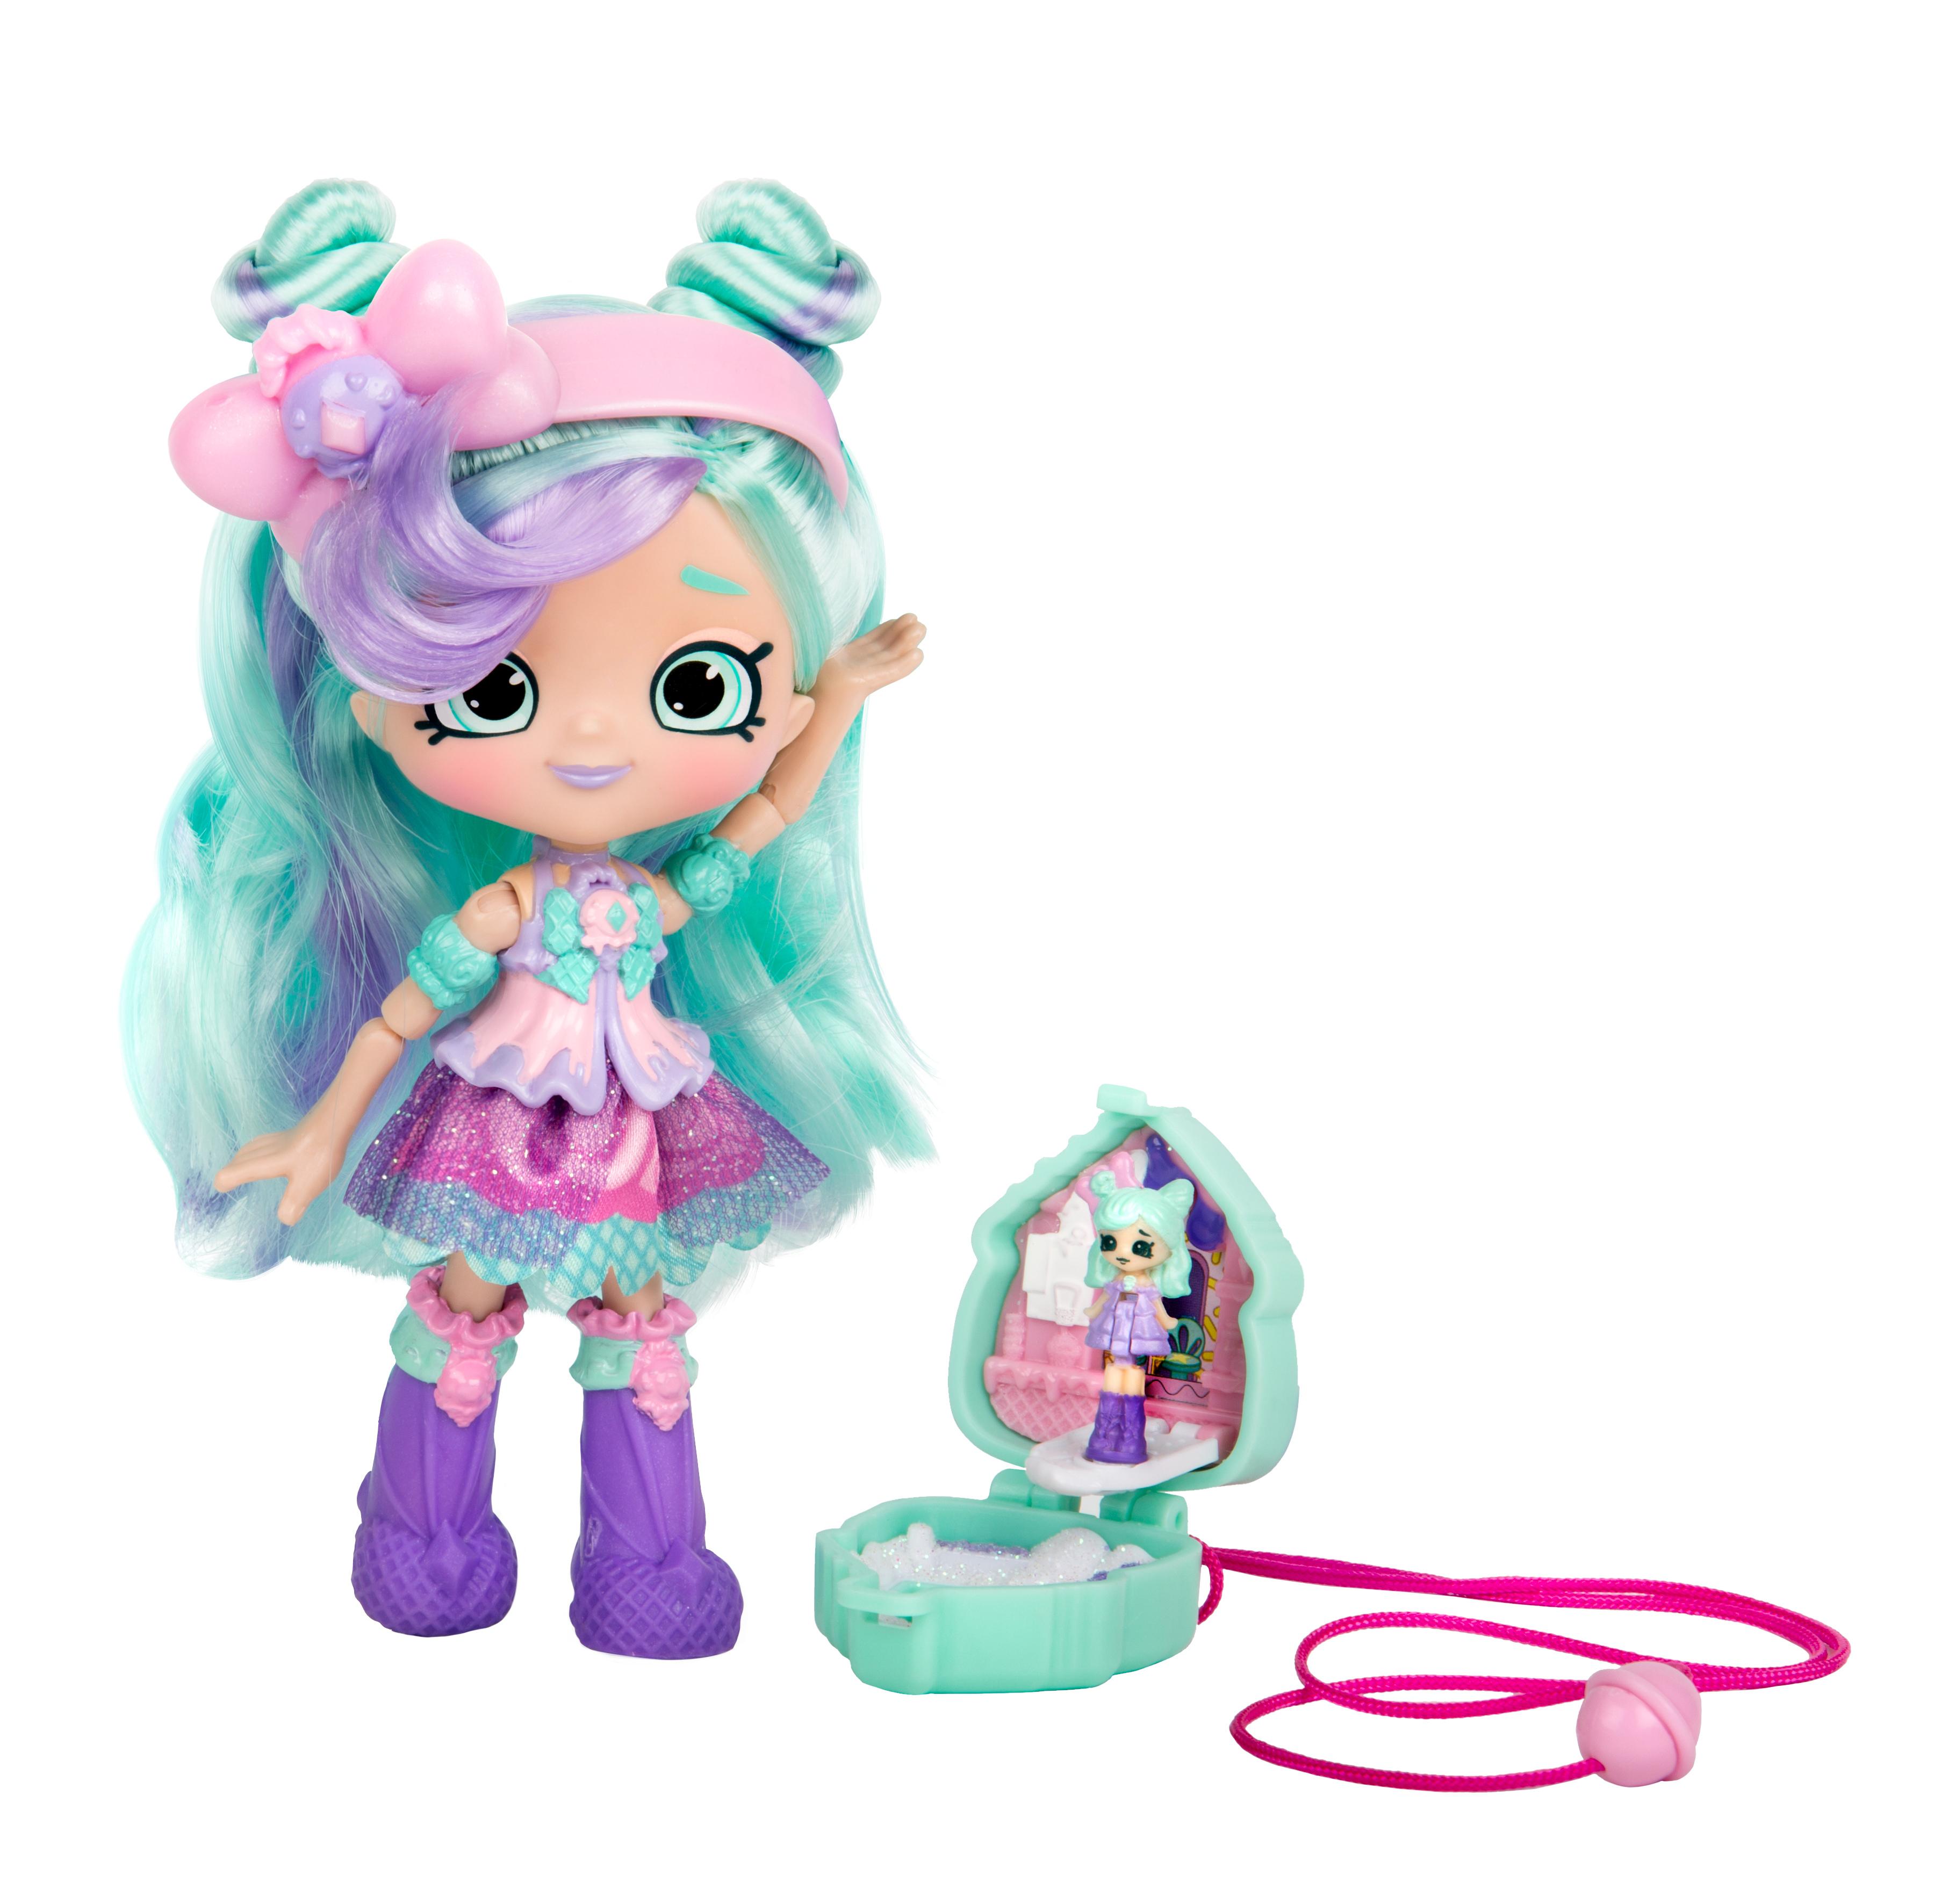 Купить Другие куклы, Lil Secrets Shoppies Пеппа-Минт, Moose, Китай, Женский